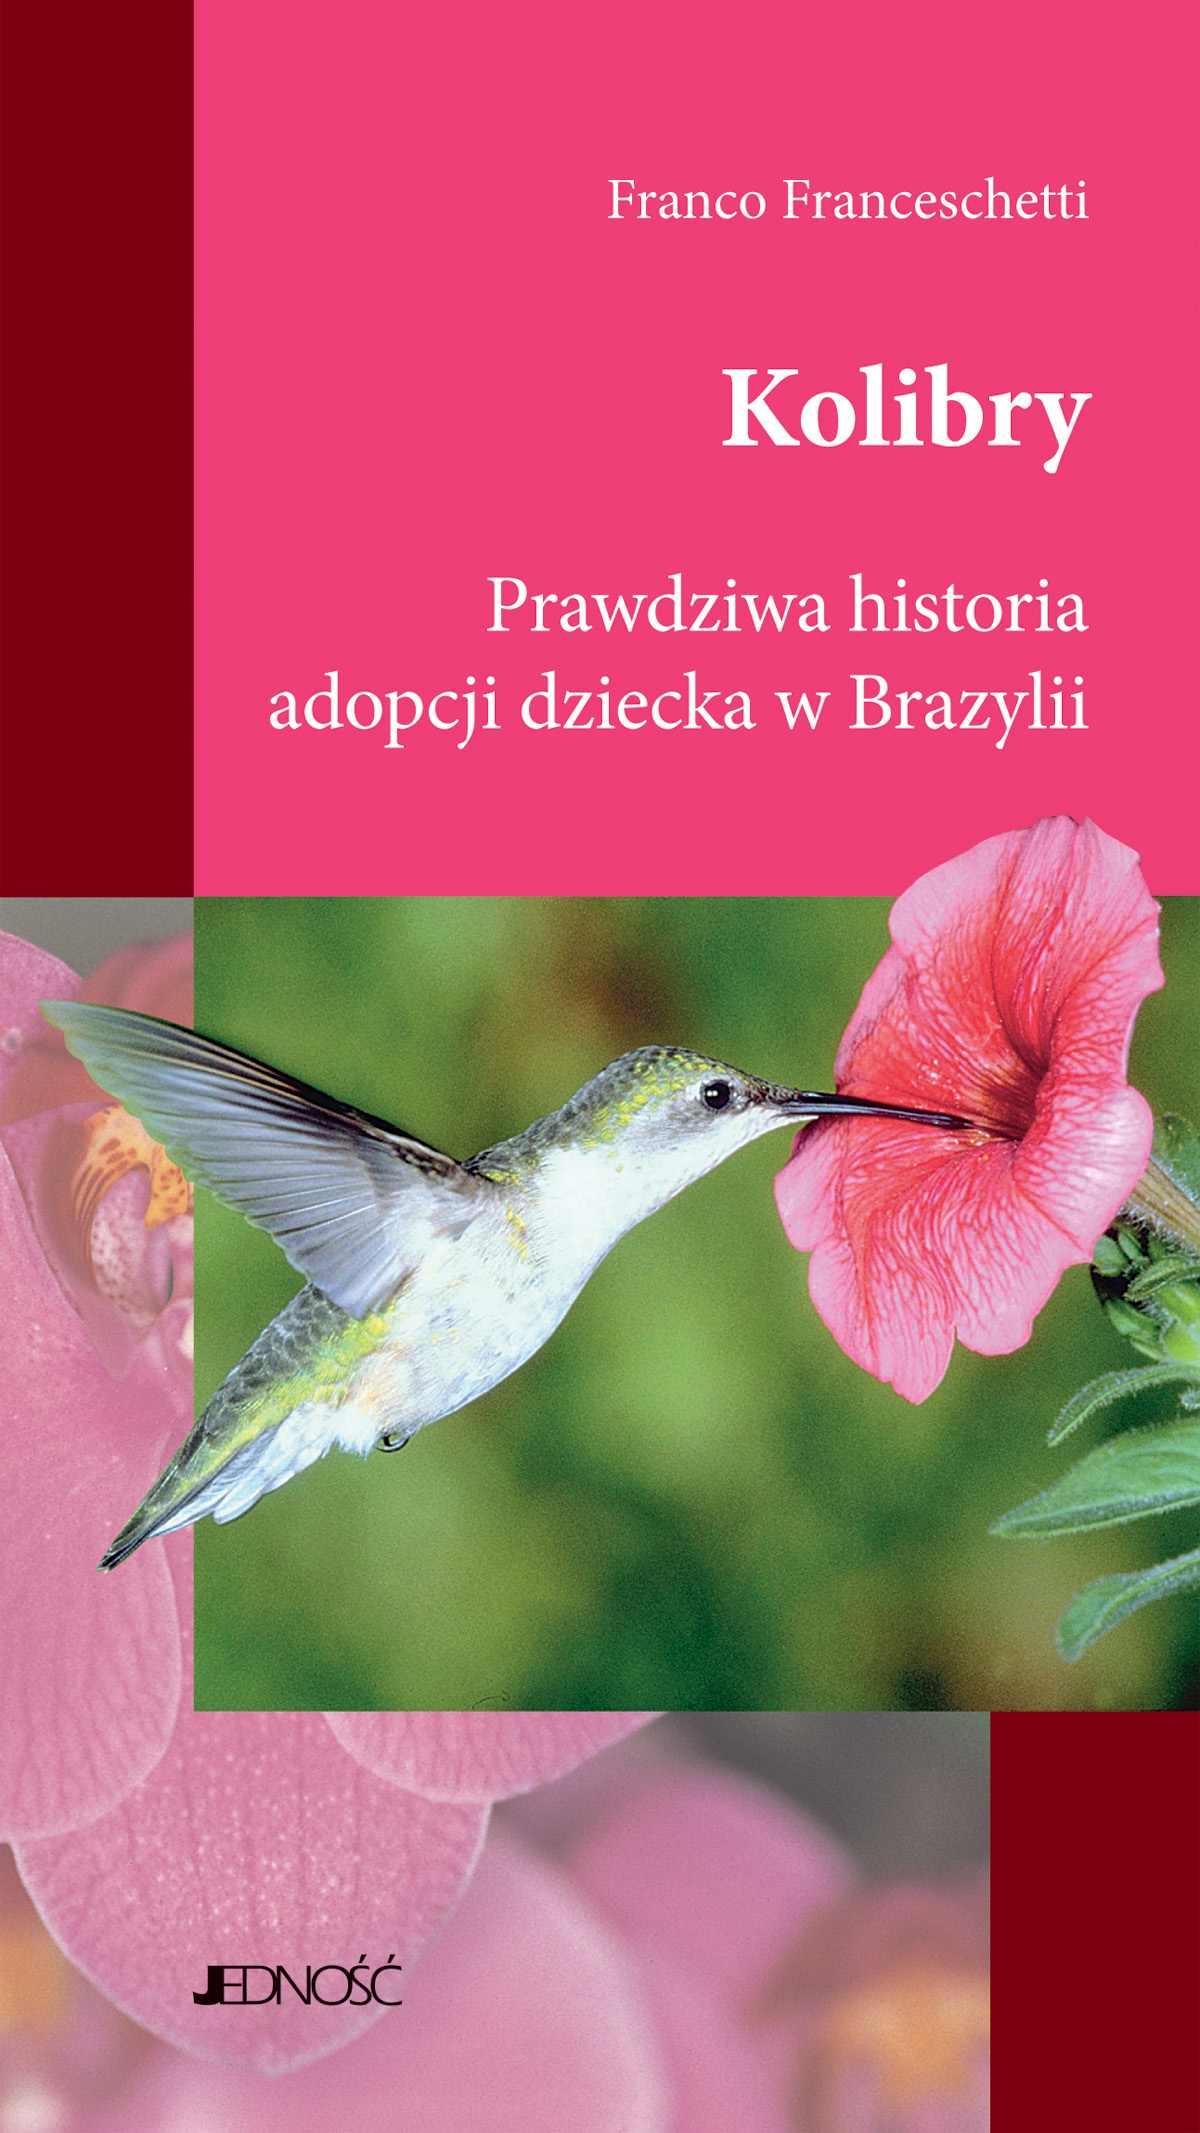 Kolibry. Prawdziwa historia adopcji dziecka w Brazylii. - Ebook (Książka EPUB) do pobrania w formacie EPUB